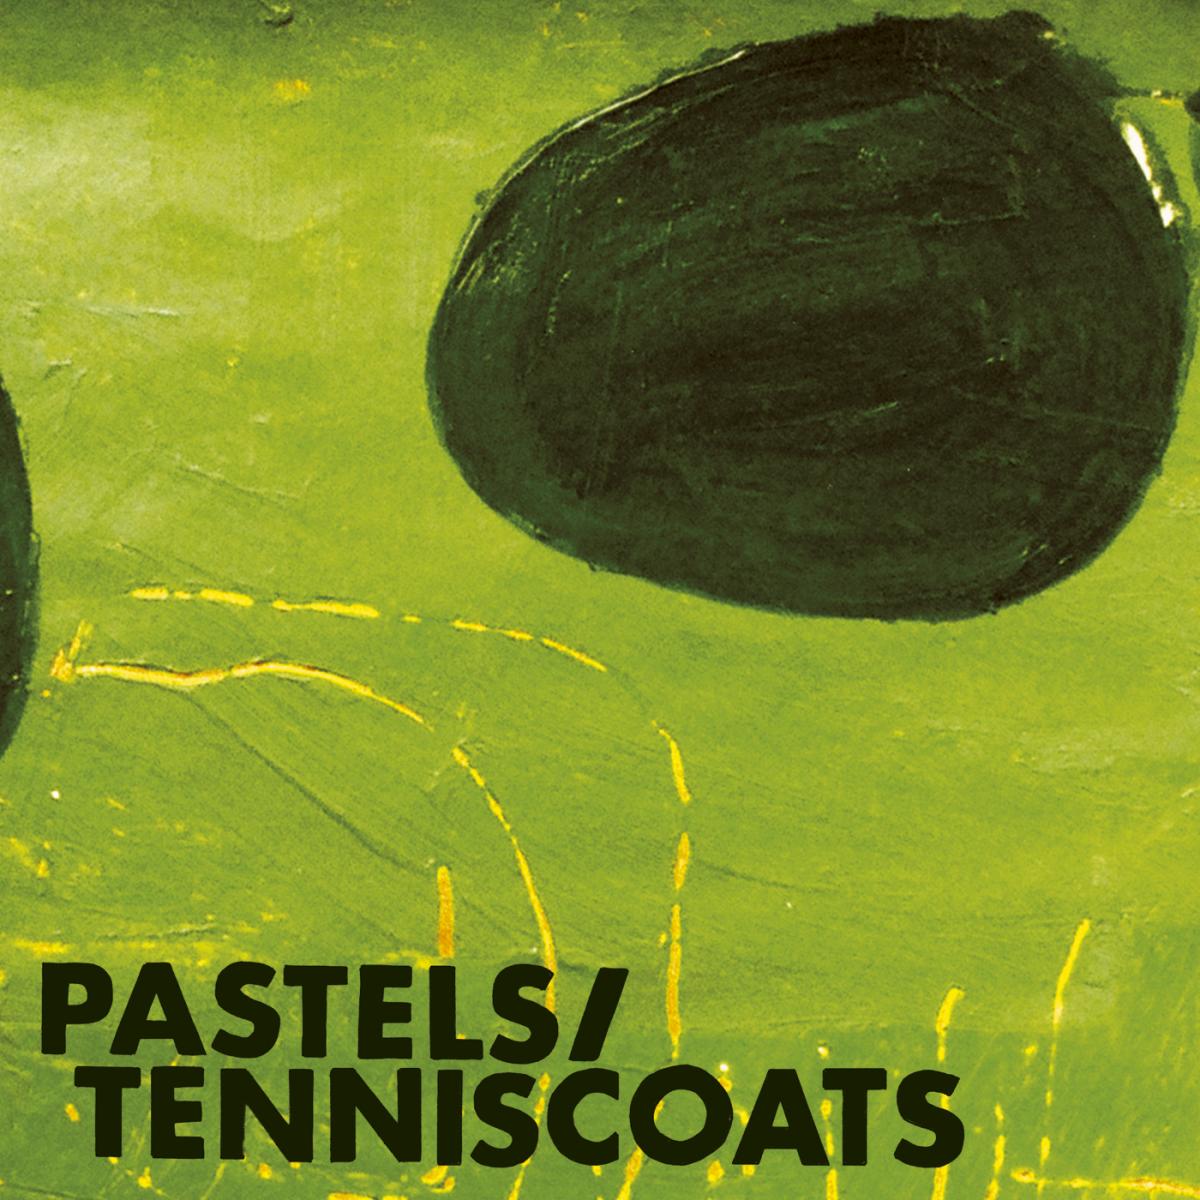 tenniscoats pastels